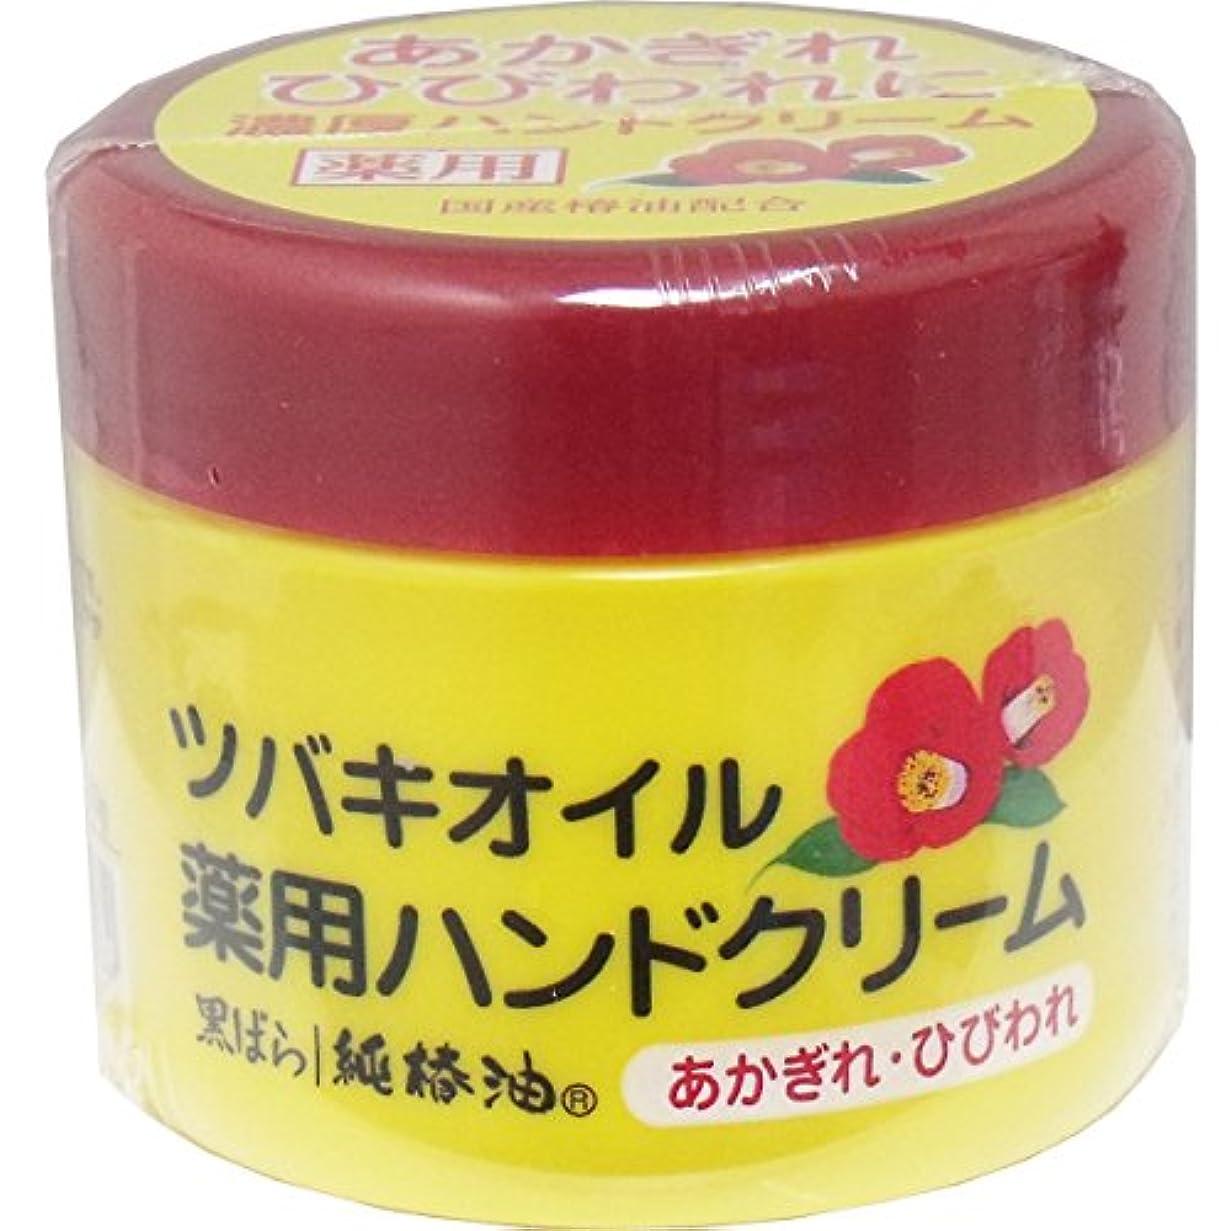 どれかカブトロイの木馬【セット品】ツバキオイル 薬用ハンドクリーム (医薬部外品) 80g ×3個